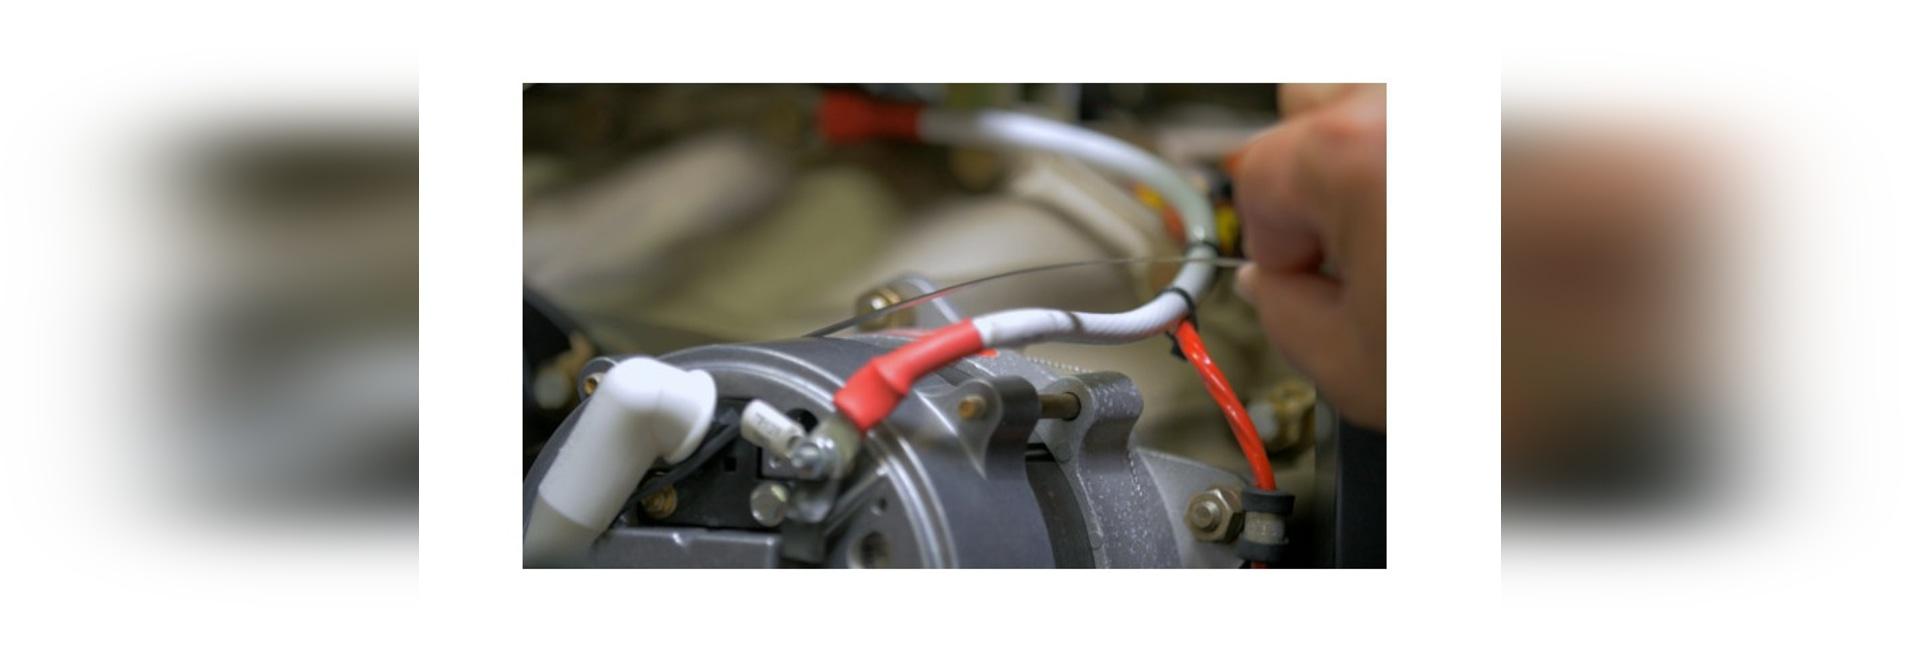 Tolle Was Ist Elektrisches System Ideen - Elektrische Schaltplan ...